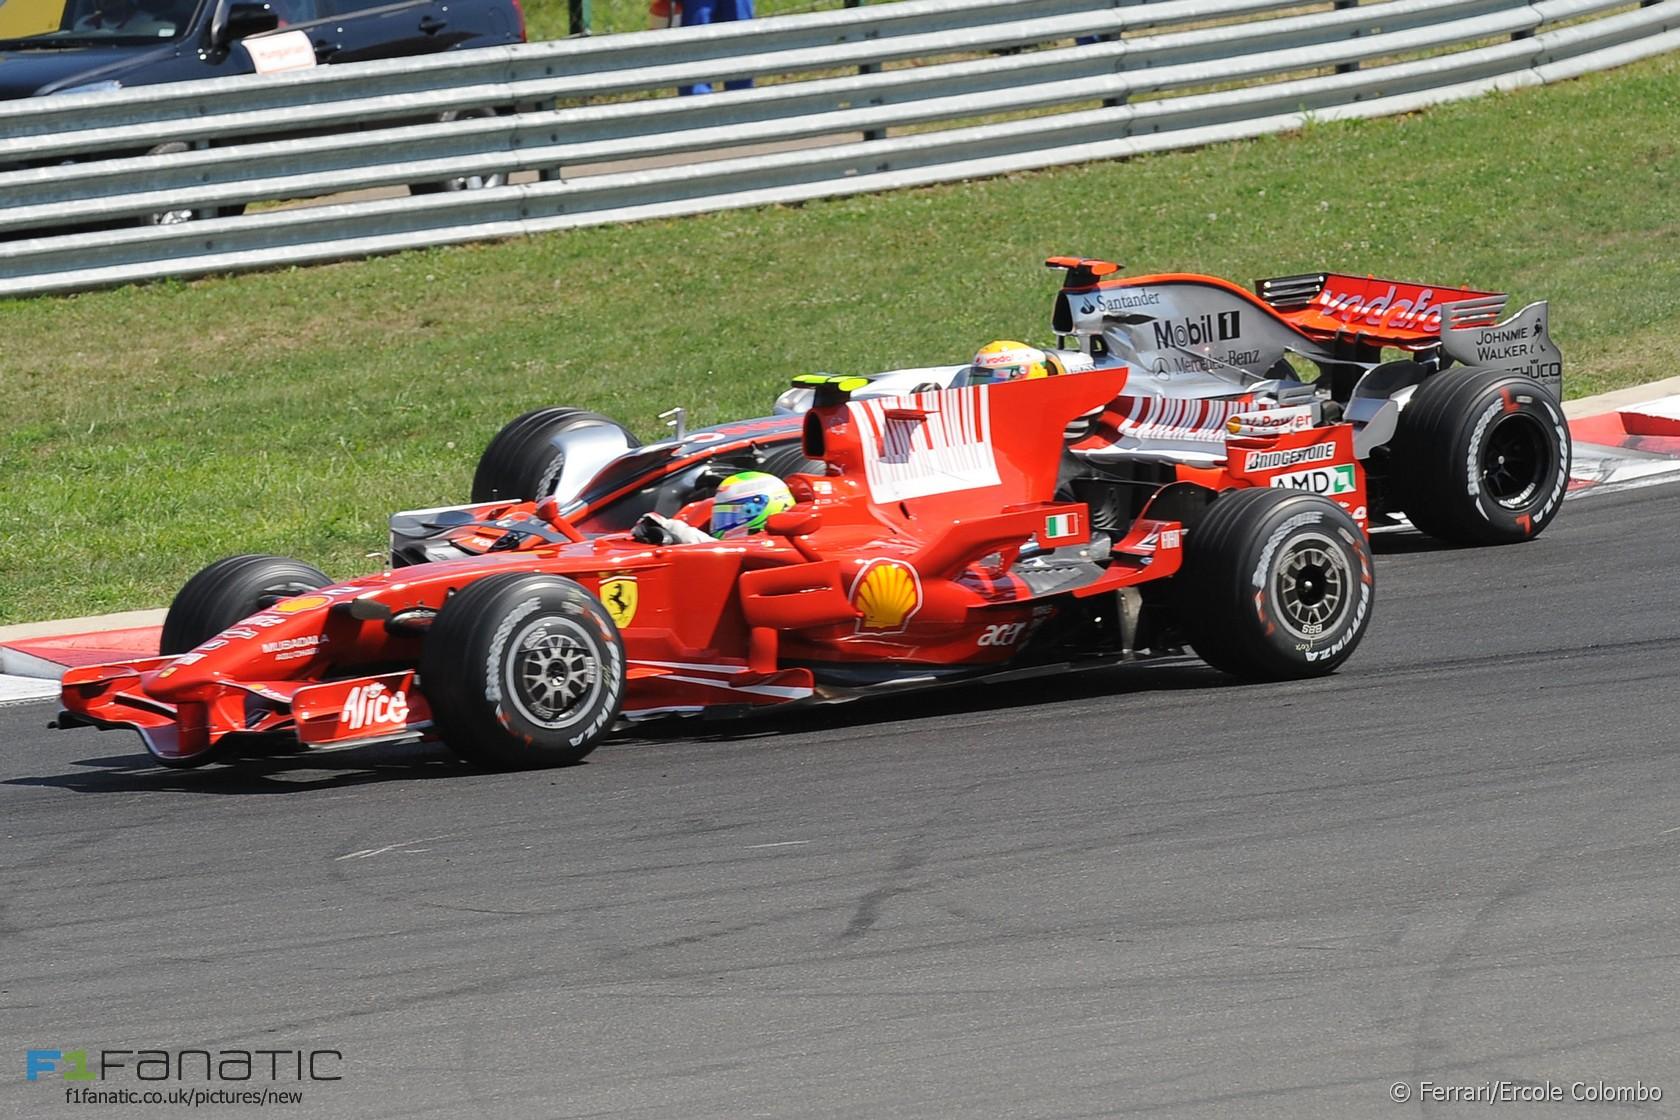 Felipe Massa, Lewis Hamilton, Hungaroring, 2008